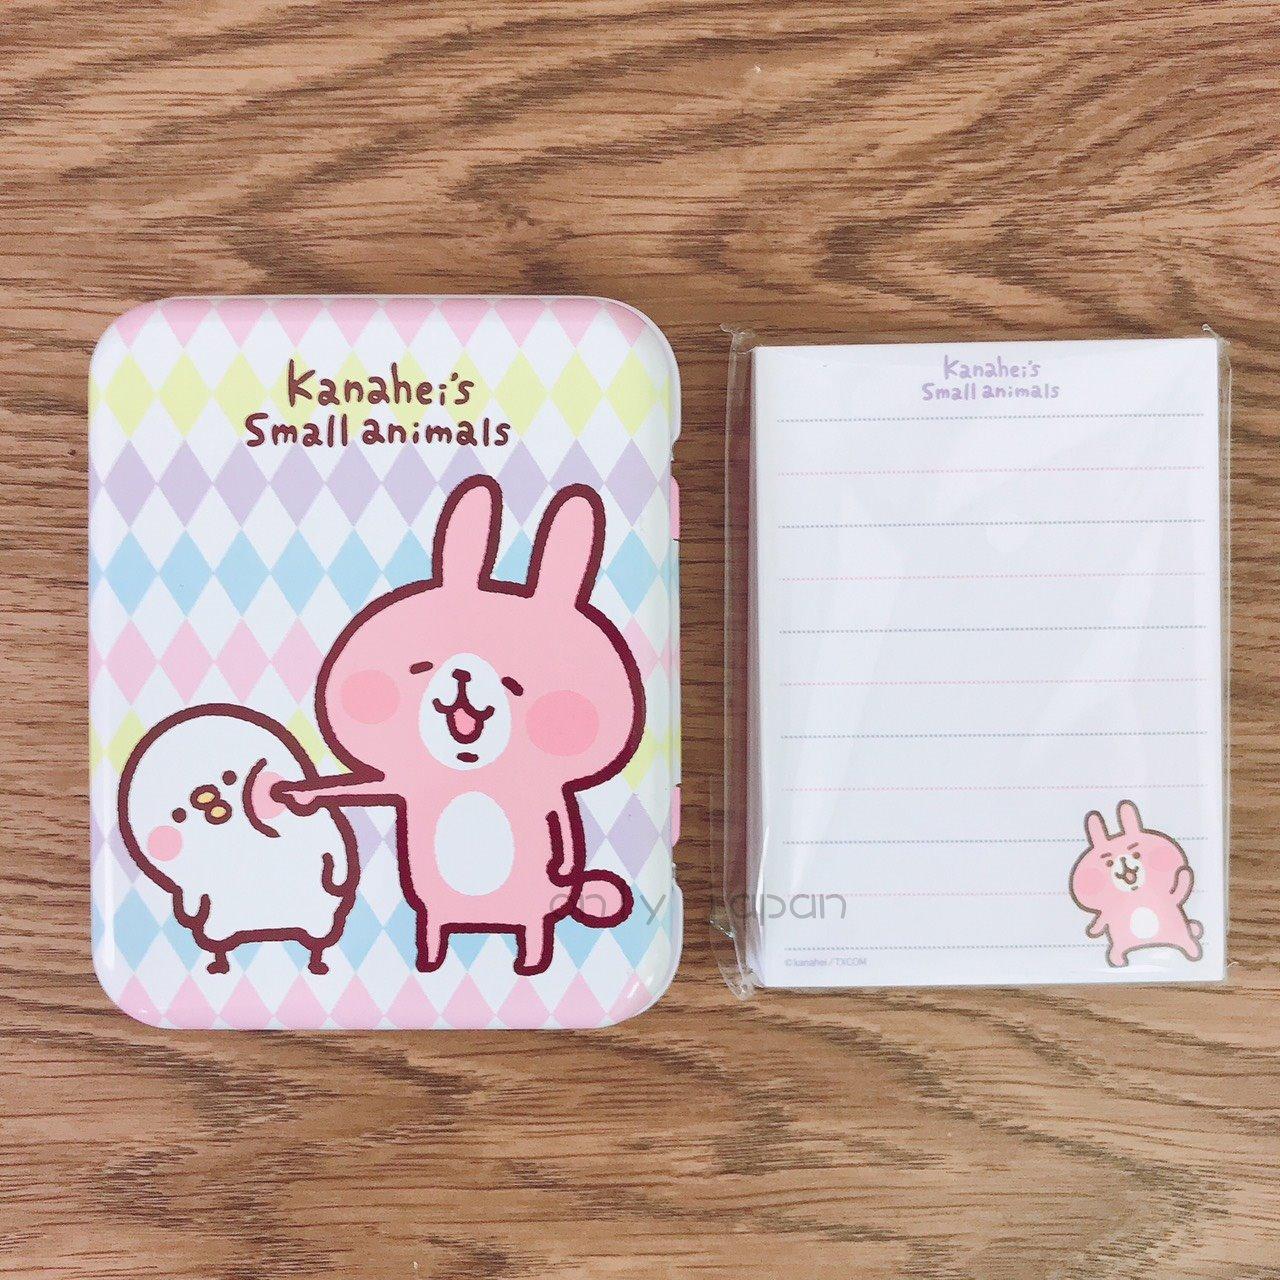 【真愛日本】18030600012 鐵盒便條紙-兔兔戳臉 卡娜赫拉的小動物們 兔兔 P助小雞 日用品 便條紙 小物收納 紙製品 文具